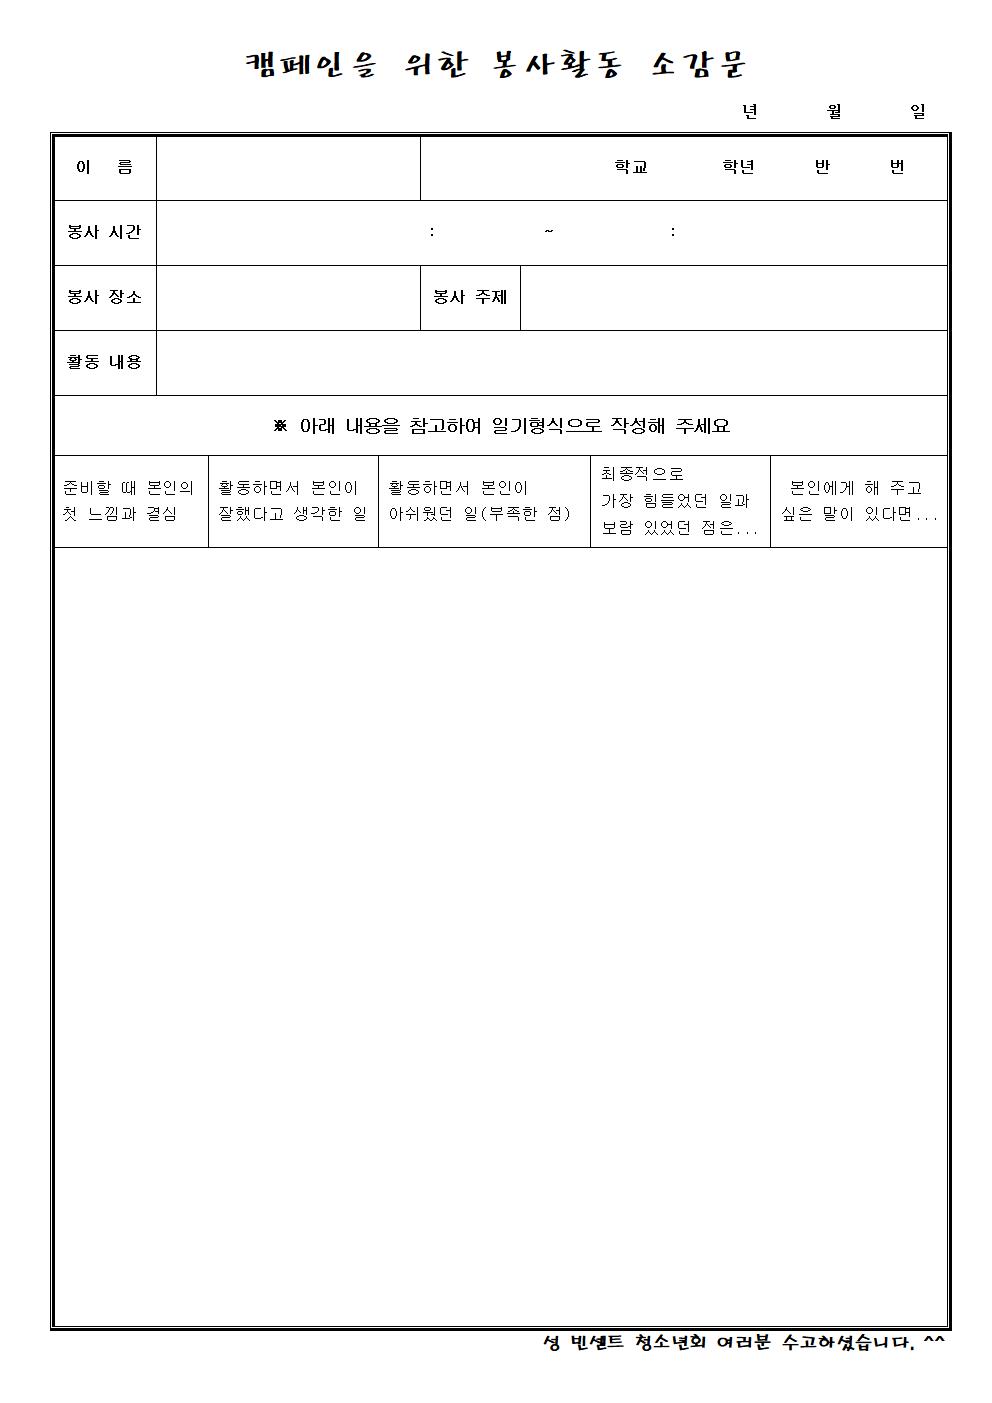 캠페인을 위한 봉사활동 소감문001.png